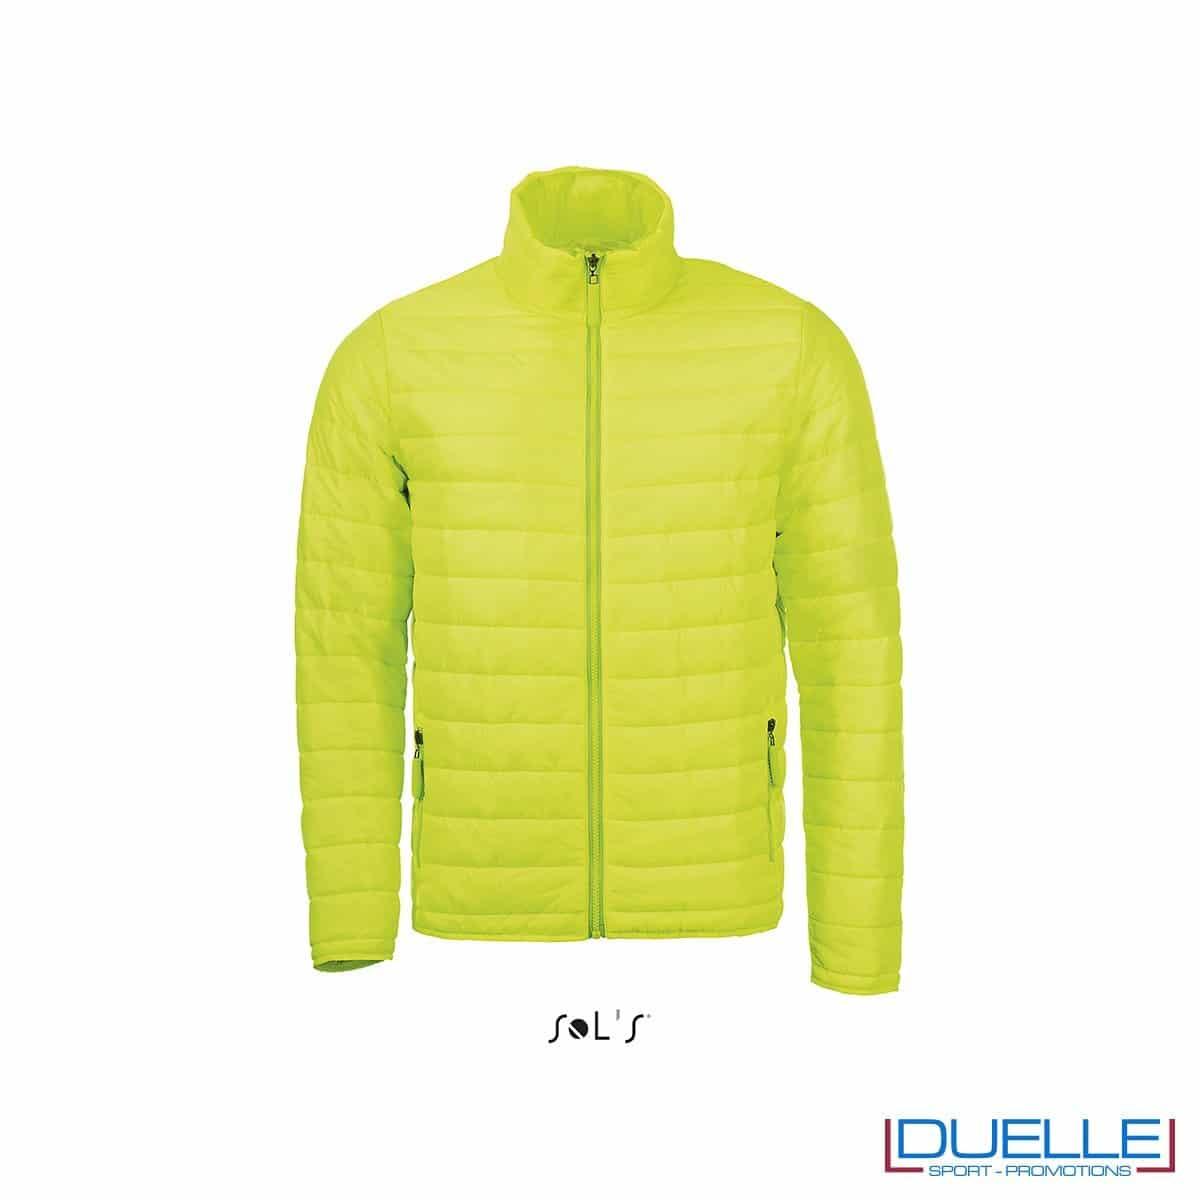 piumino personalizzato in colore verde acido, abbigliamento promozionale personalizzato